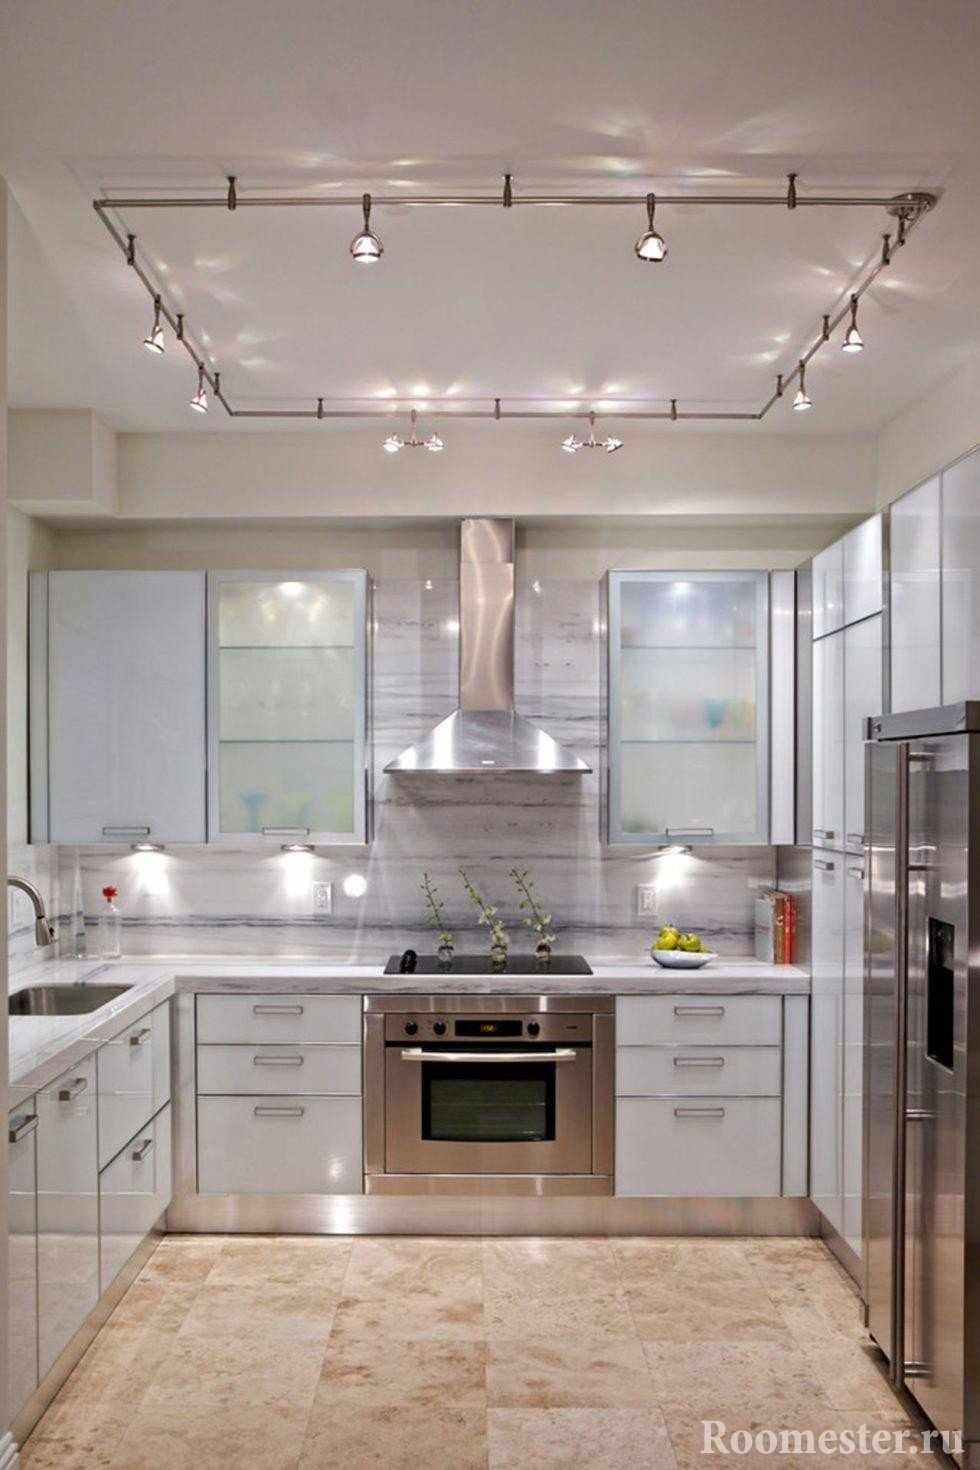 Кухня с точечным освещением